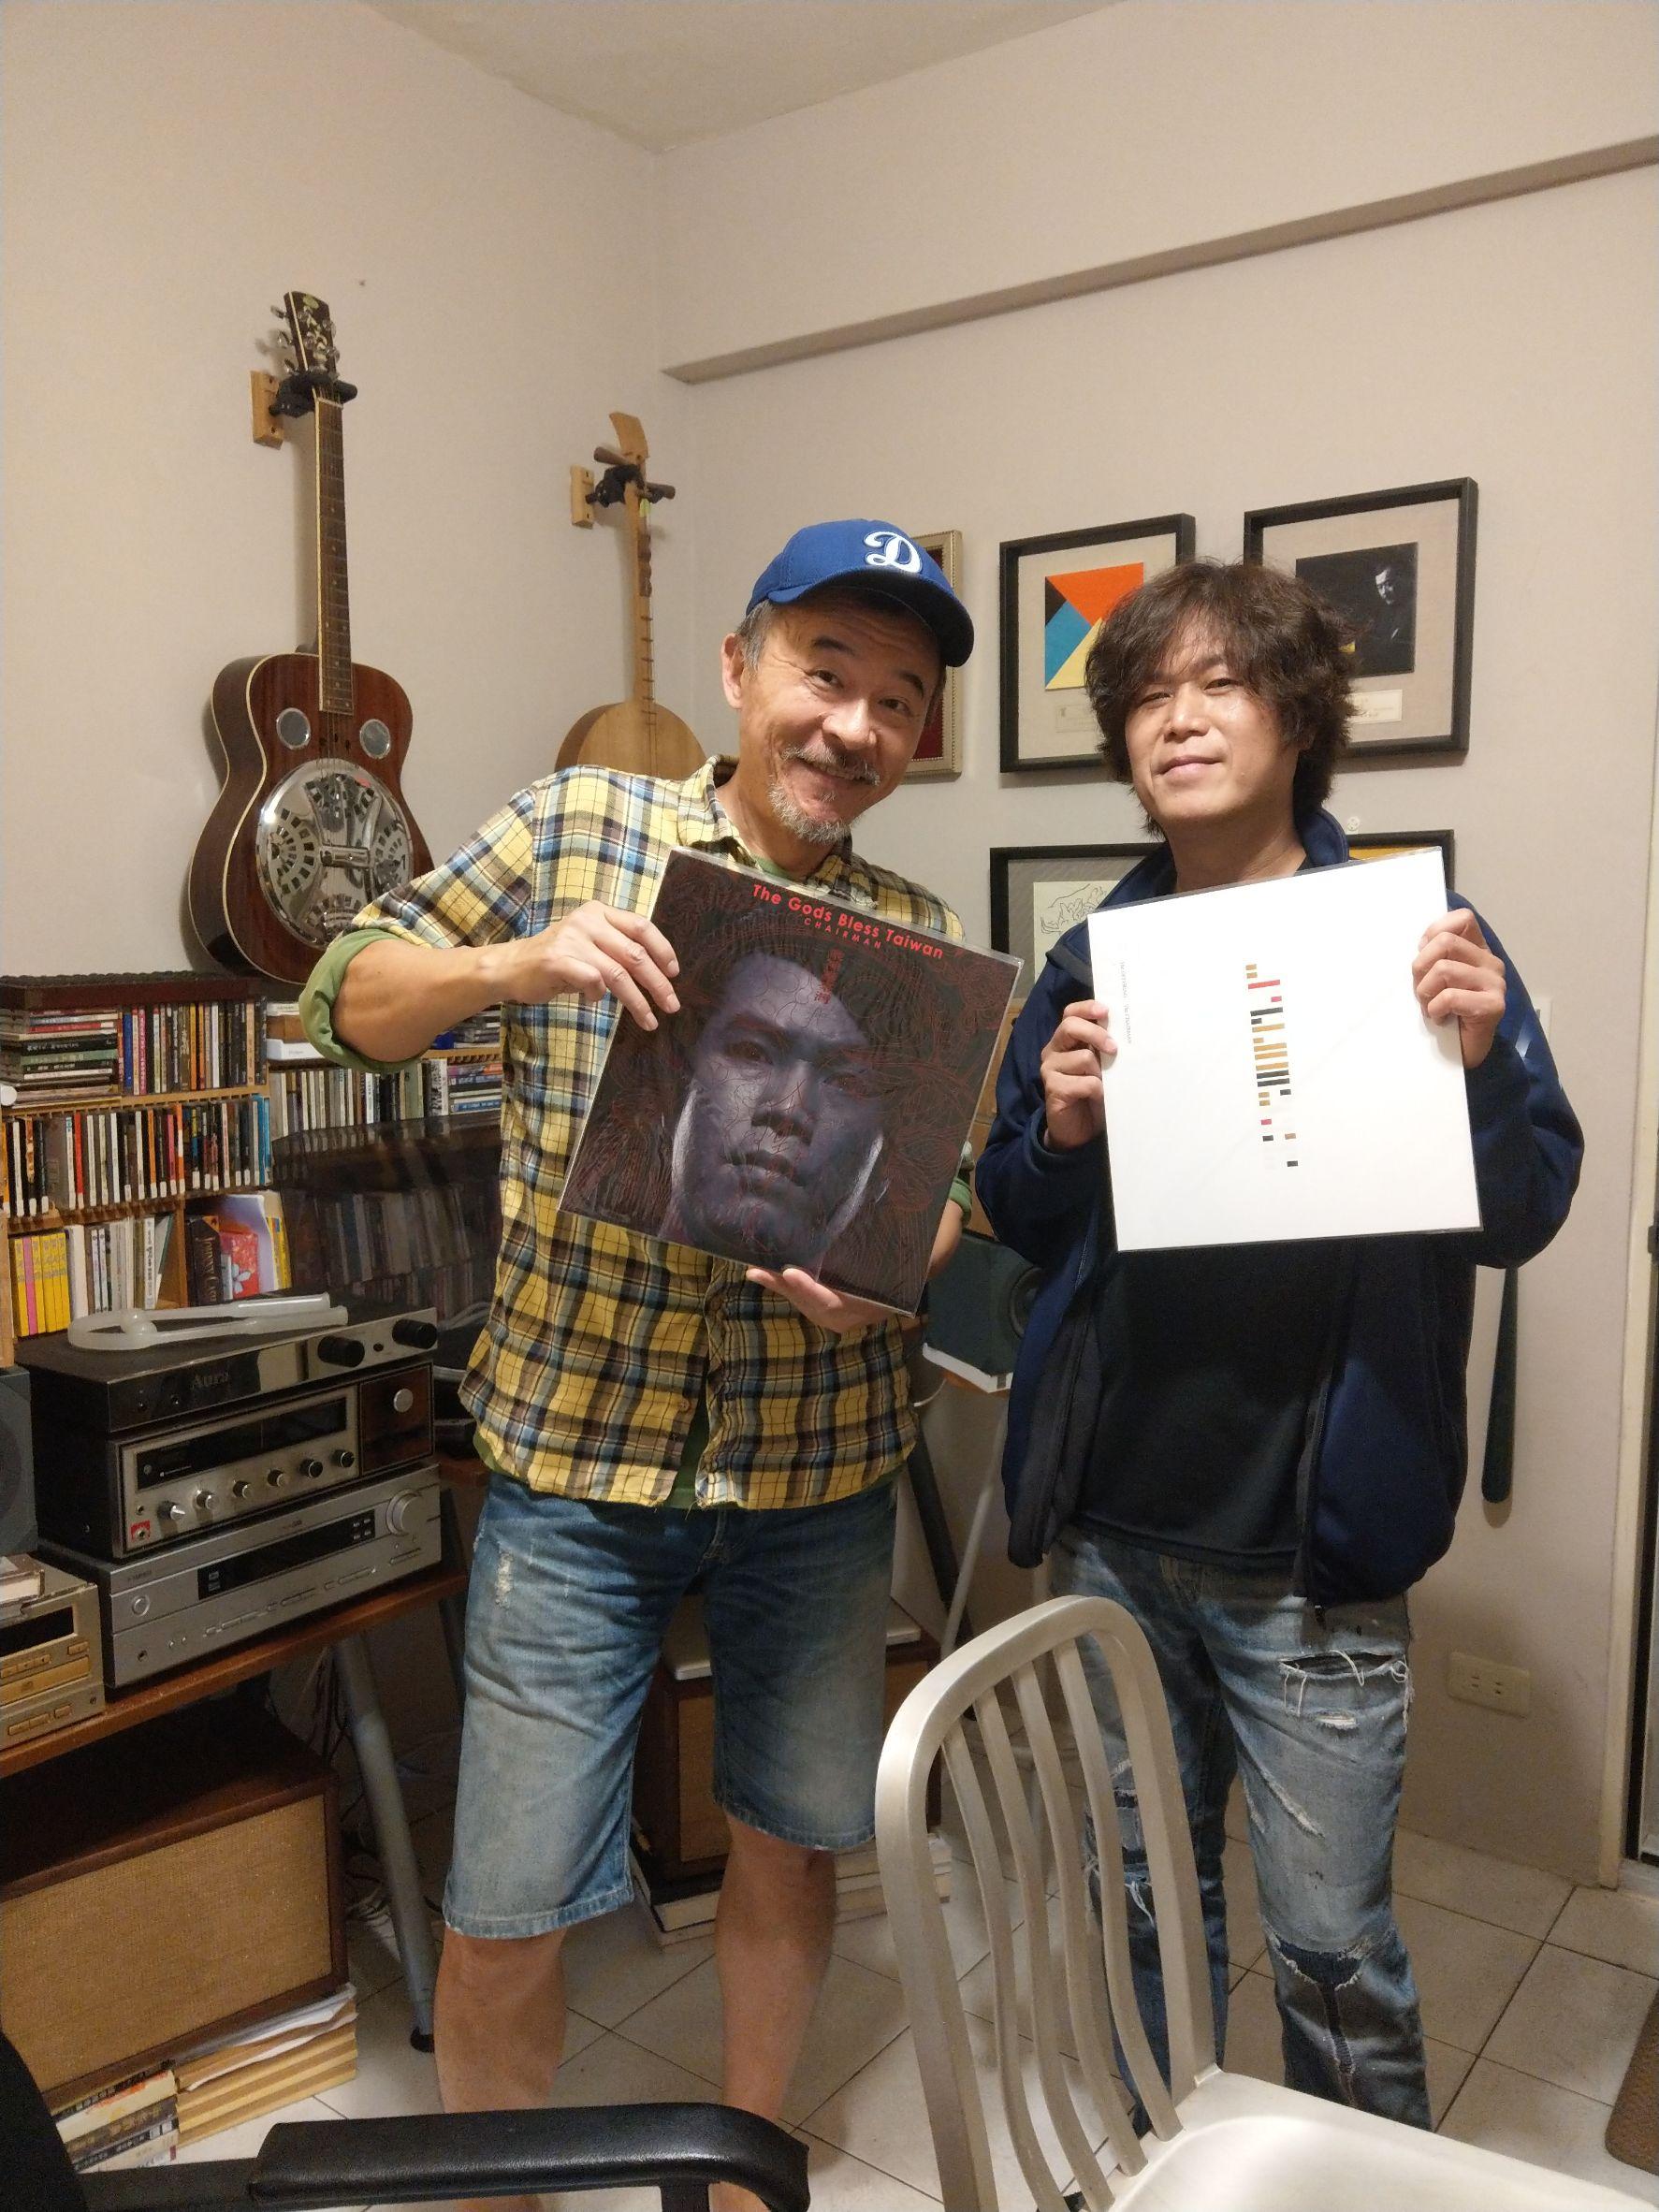 黃連煜 X 董事長樂團吉董 4月29日10點講客廣播電臺 唱金曲「分你聽」